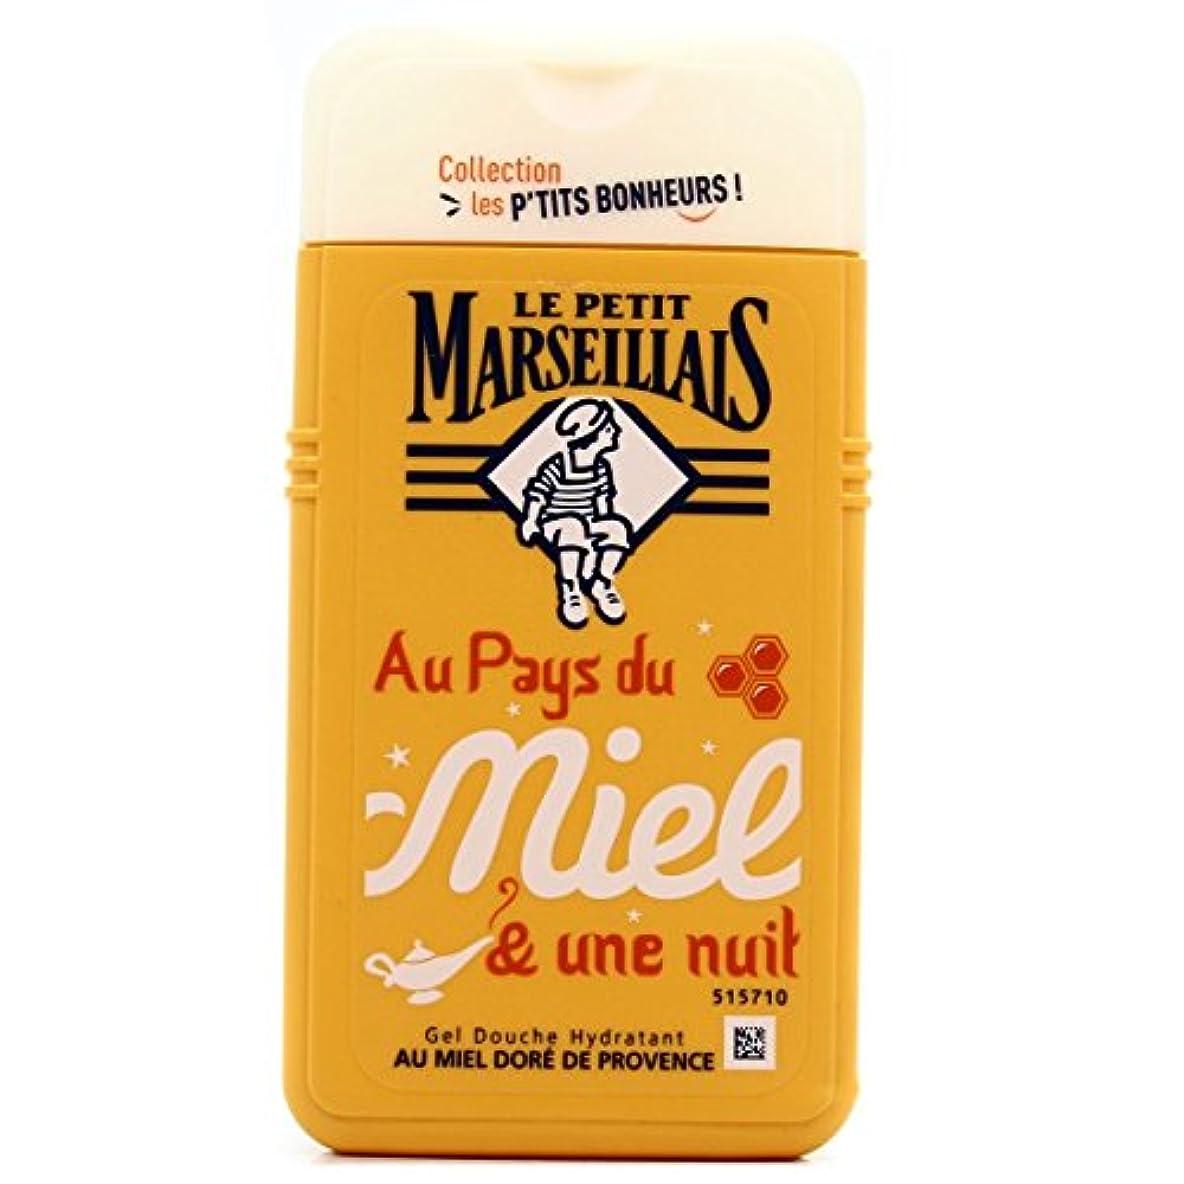 干し草集まる一握りル?プティ?マルセイユ (Le Petit Marseillais)les P'TITS BONHEURS はちみつ シャワージェル ボディウォッシュ 250ml